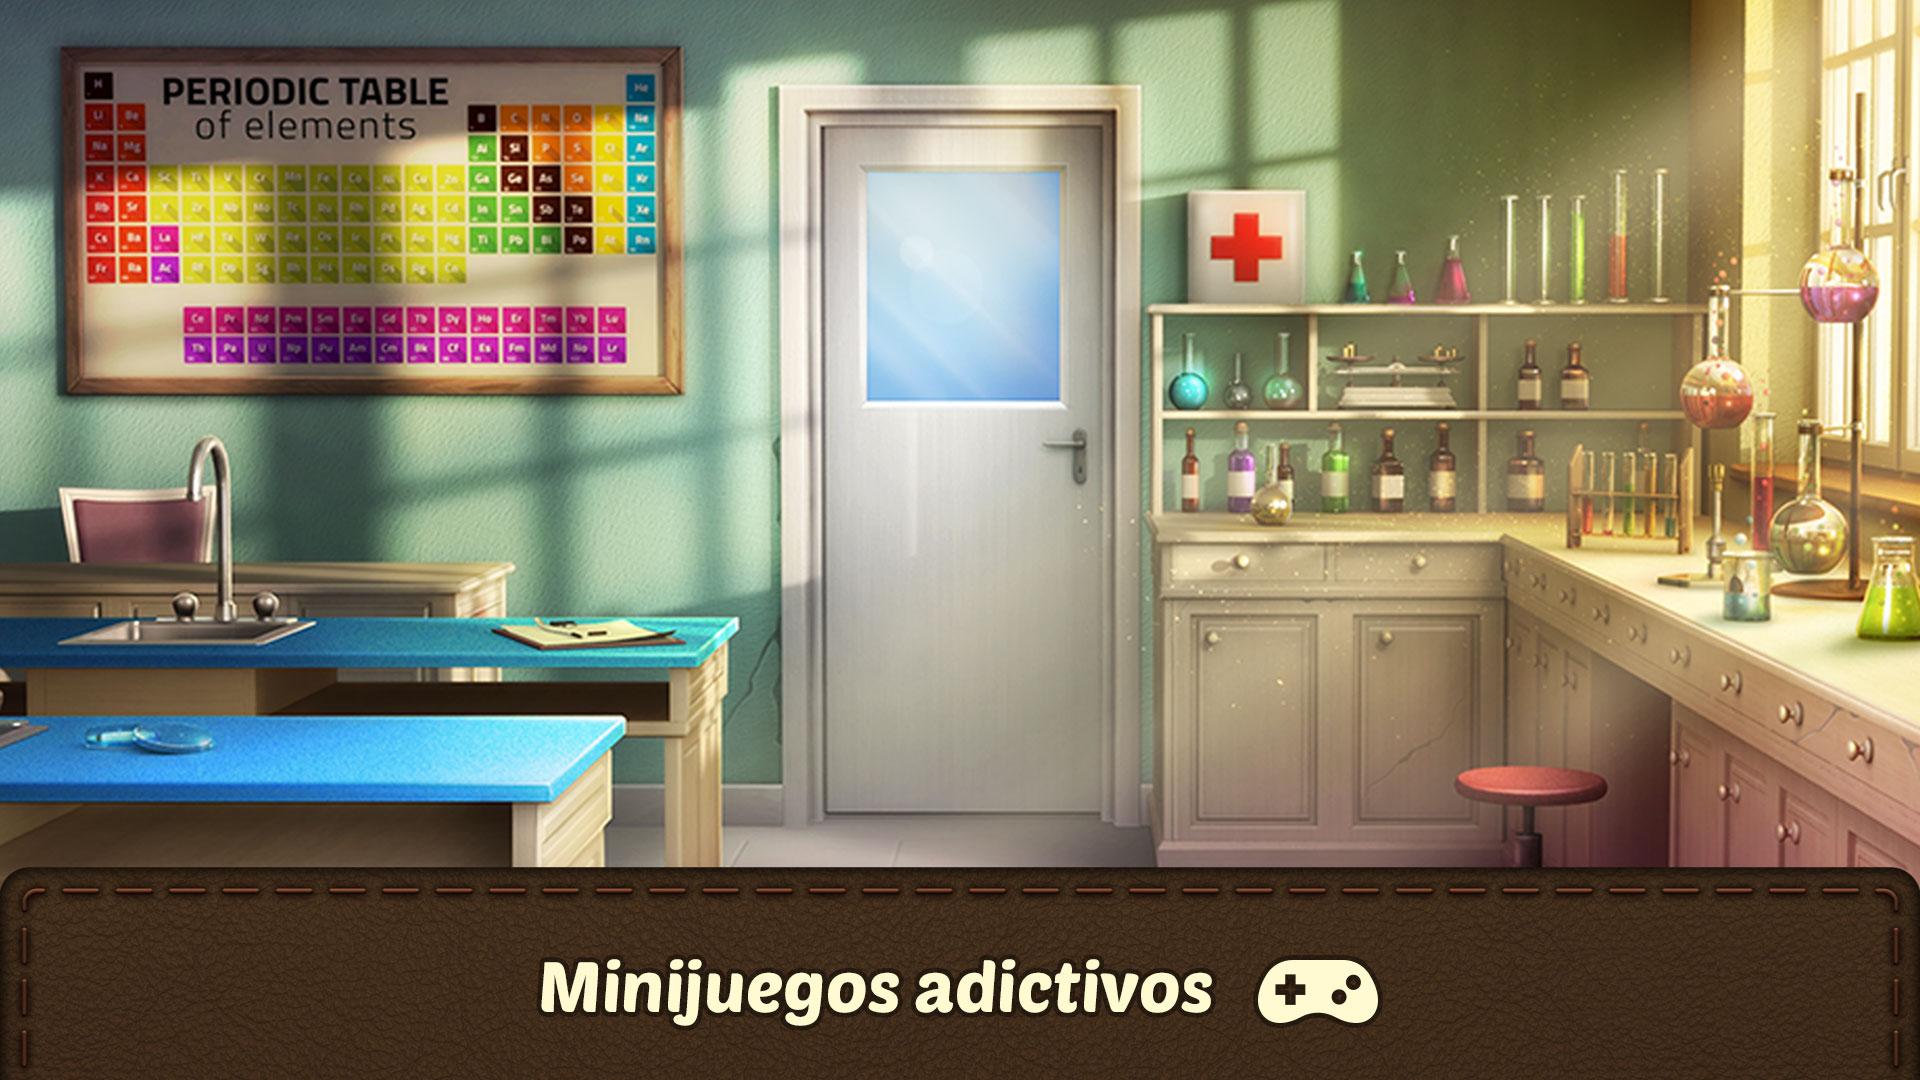 100 puertas - Juegos de escape: Amazon.es: Appstore para Android